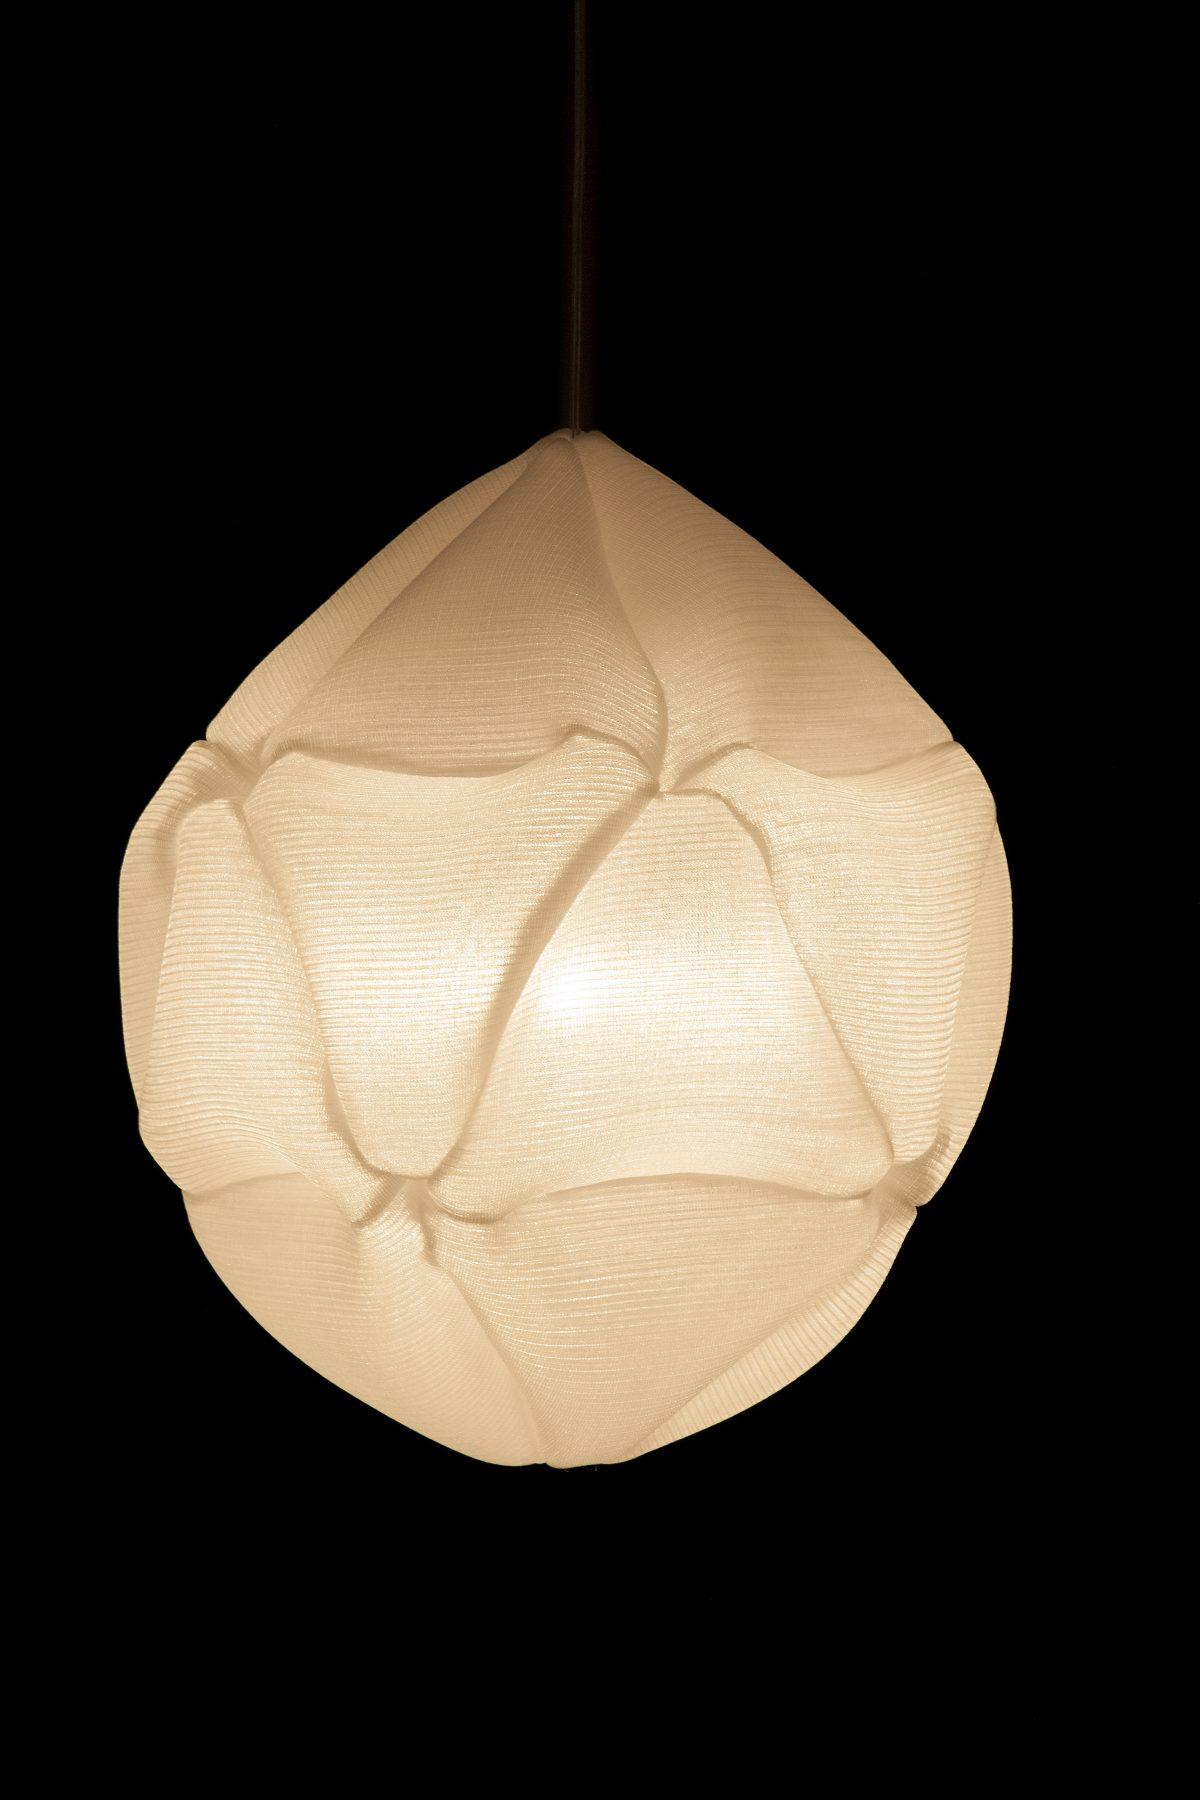 radiolaria Metamorphosus lucidus hanglamp van Bernotat